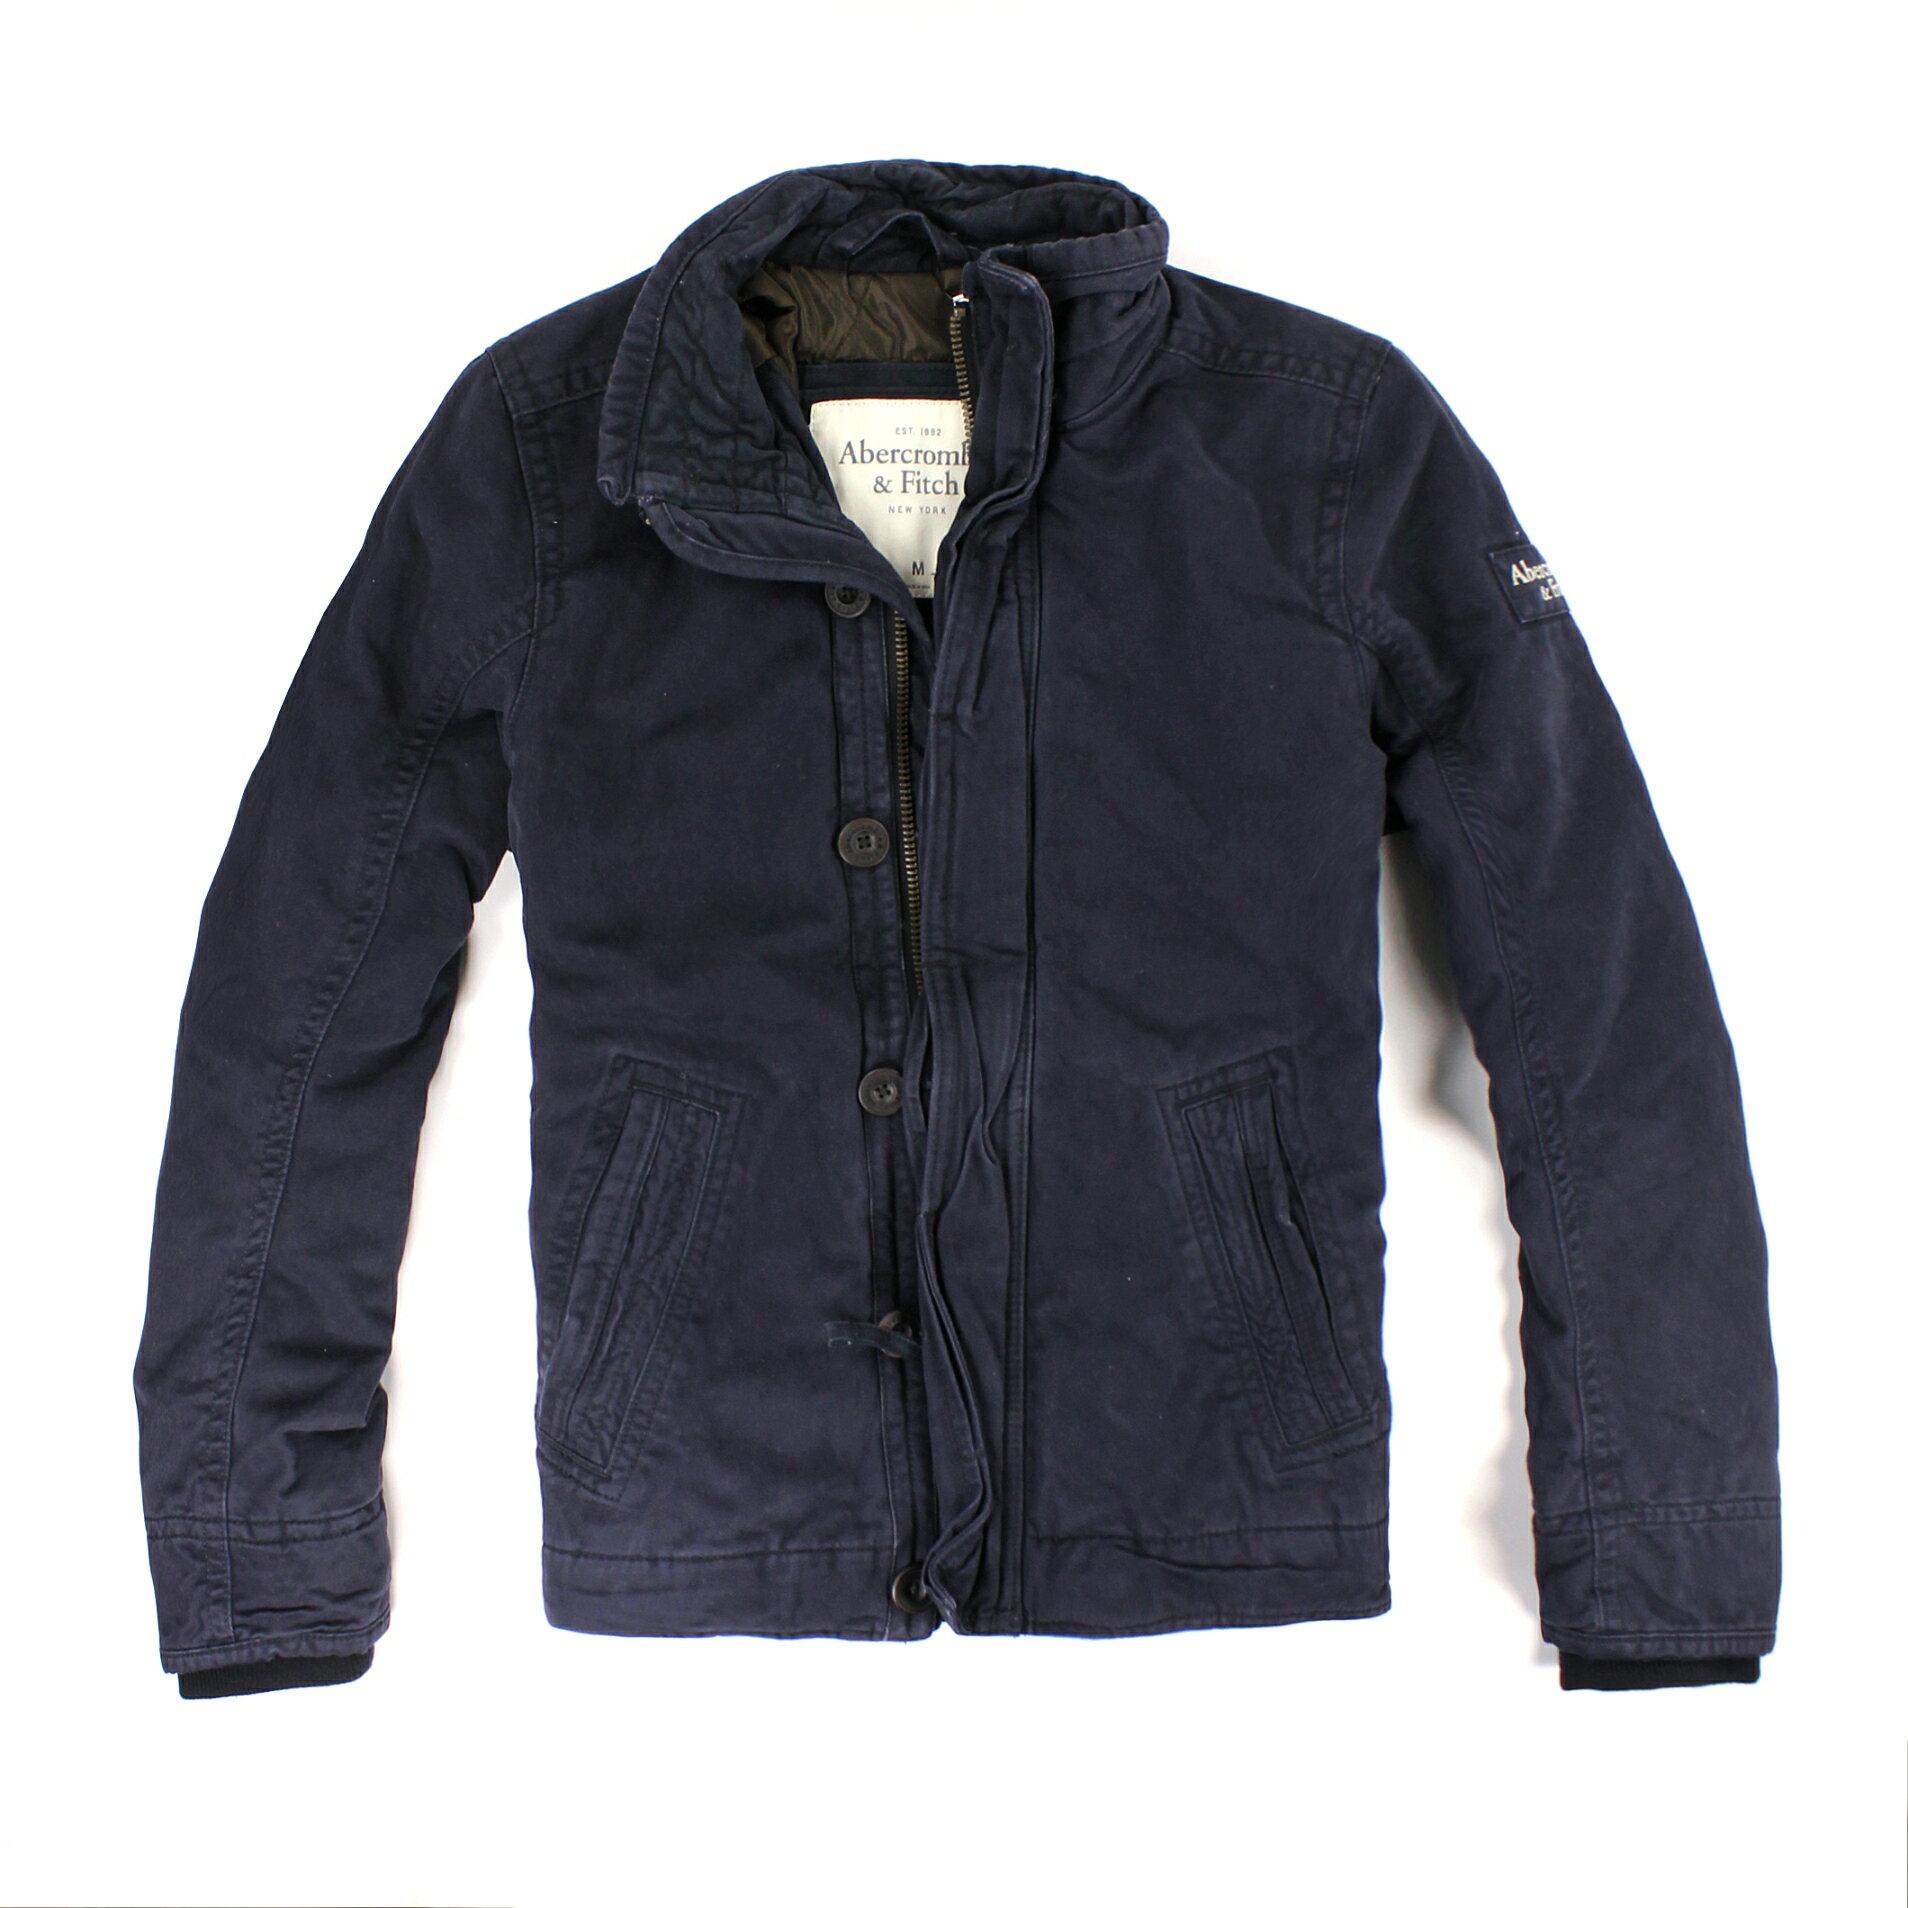 美國百分百【全新真品】Abercrombie & Fitch 外套 AF 夾克 軍裝 軍外套 麋鹿 深藍 鋪棉 硬挺 男 M L號 B804